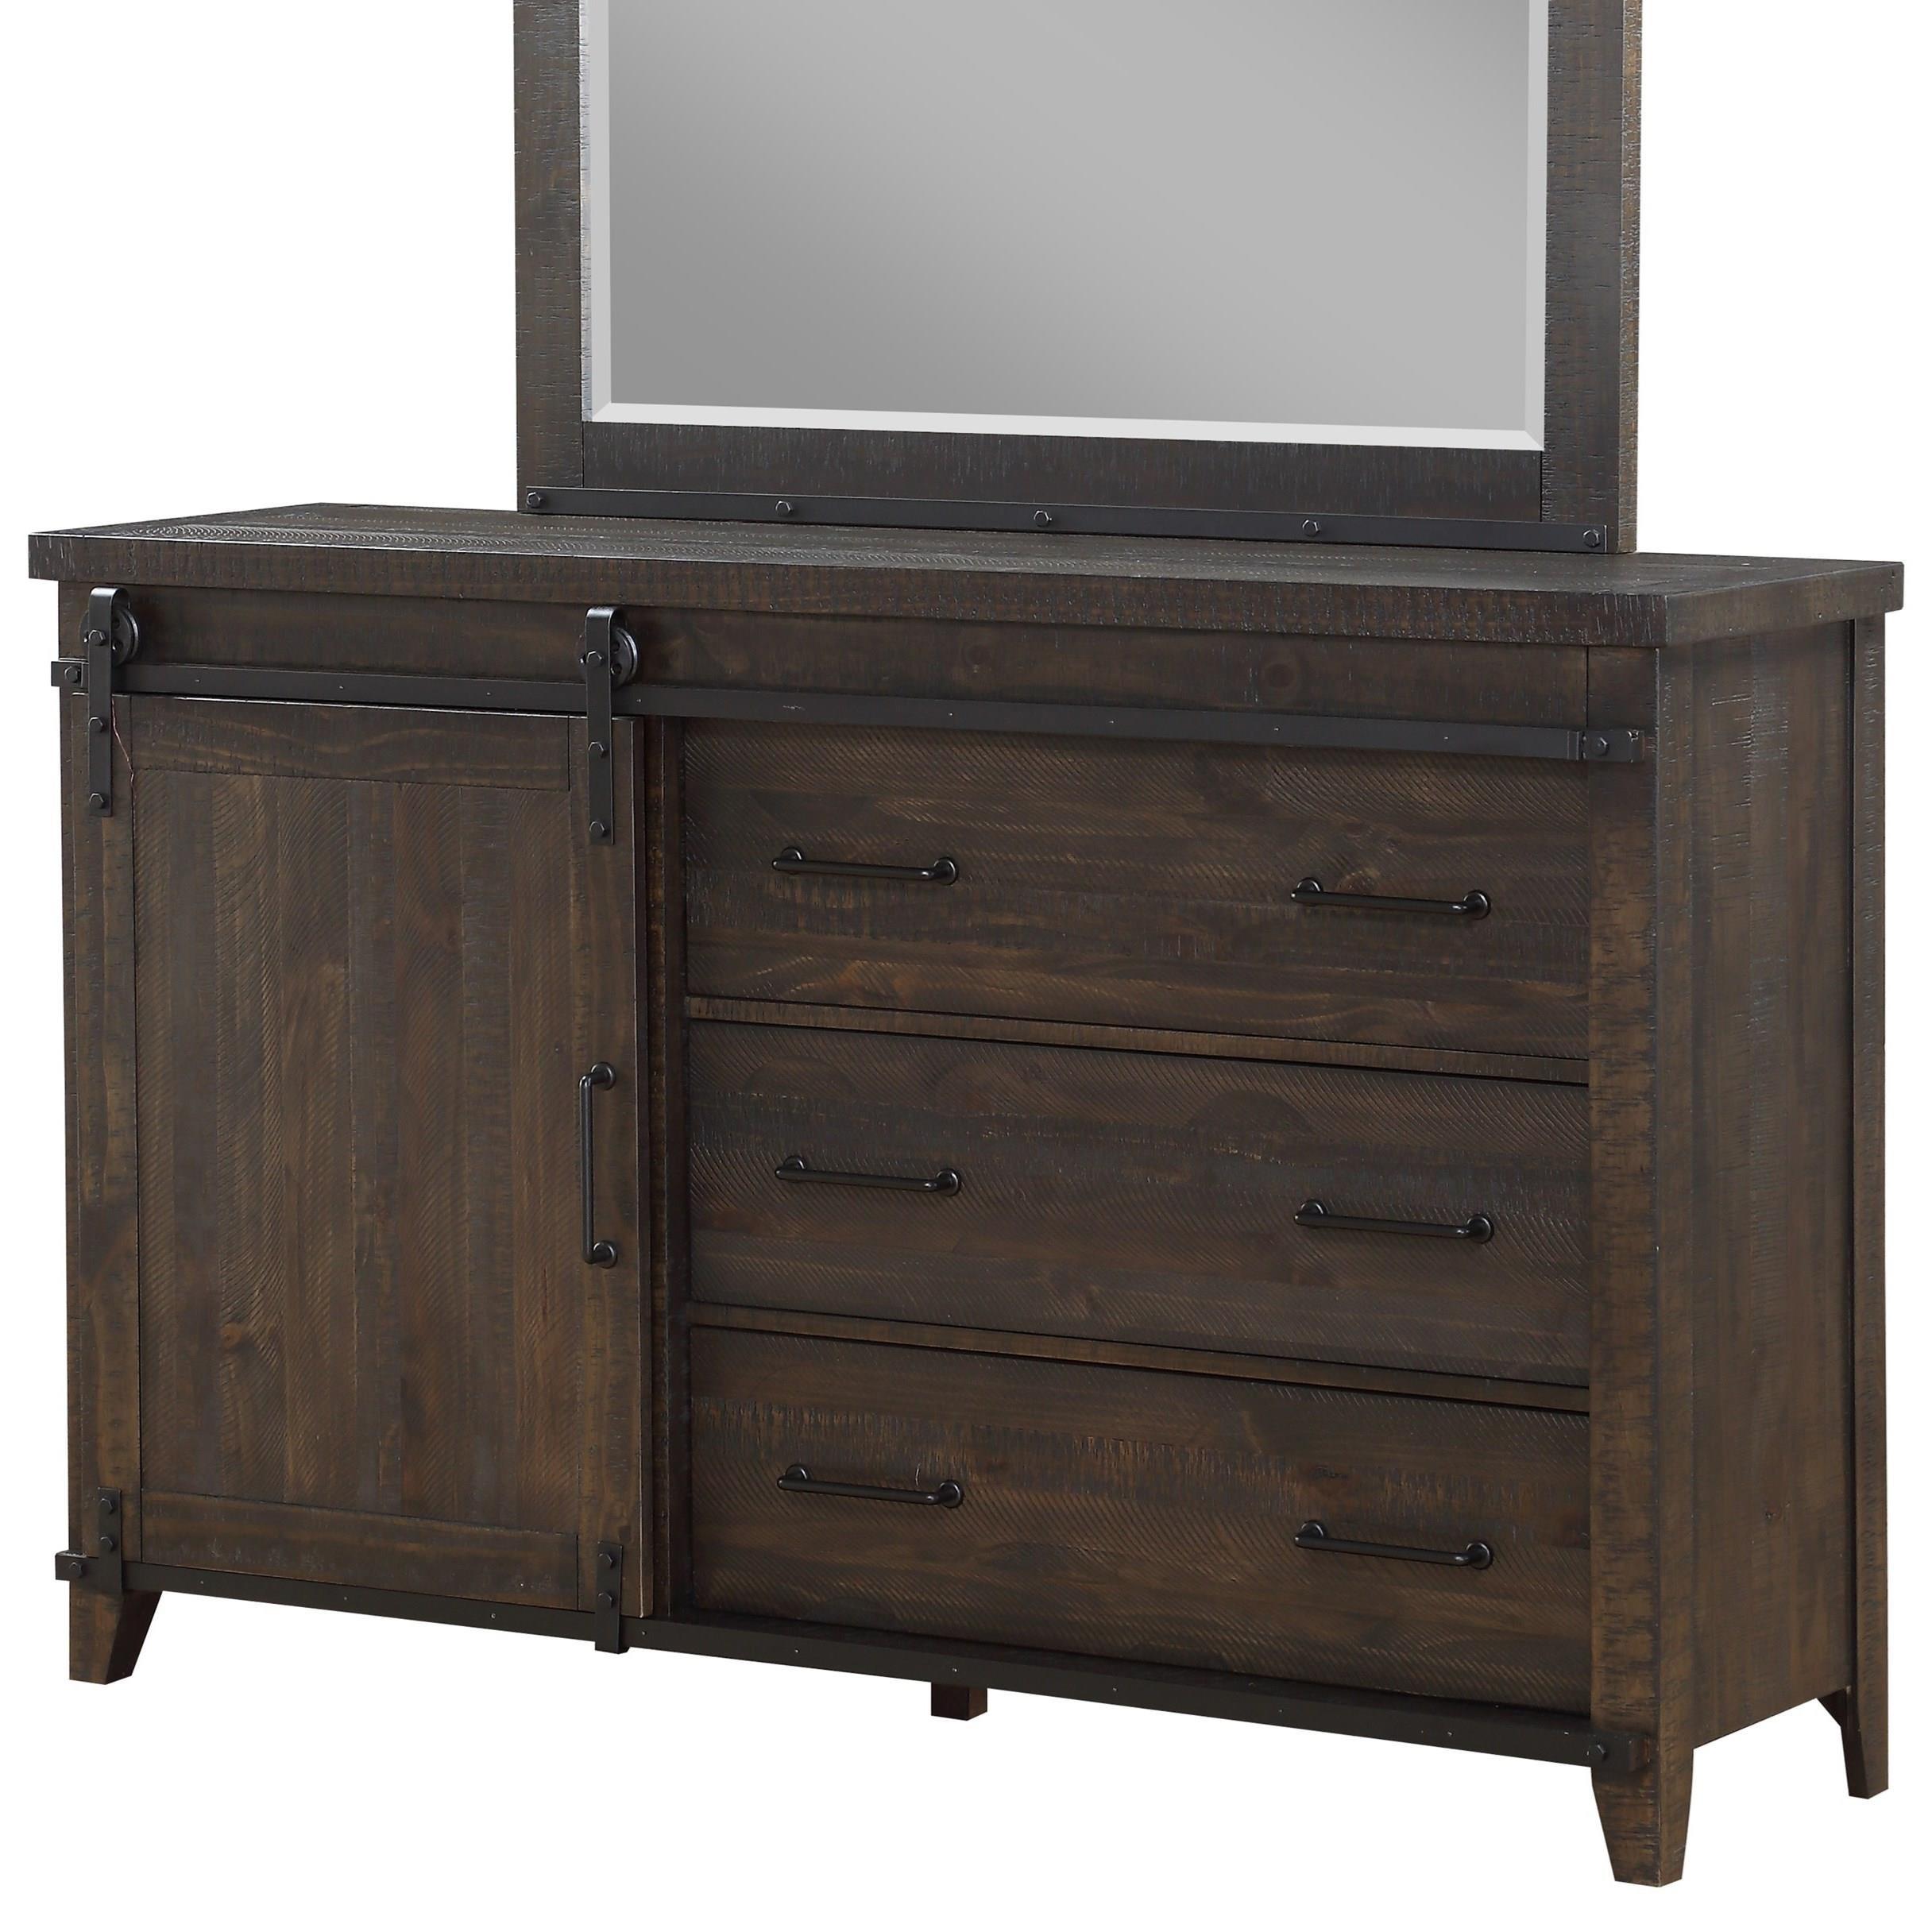 Durango Drawer Dresser by HH at Walker's Furniture